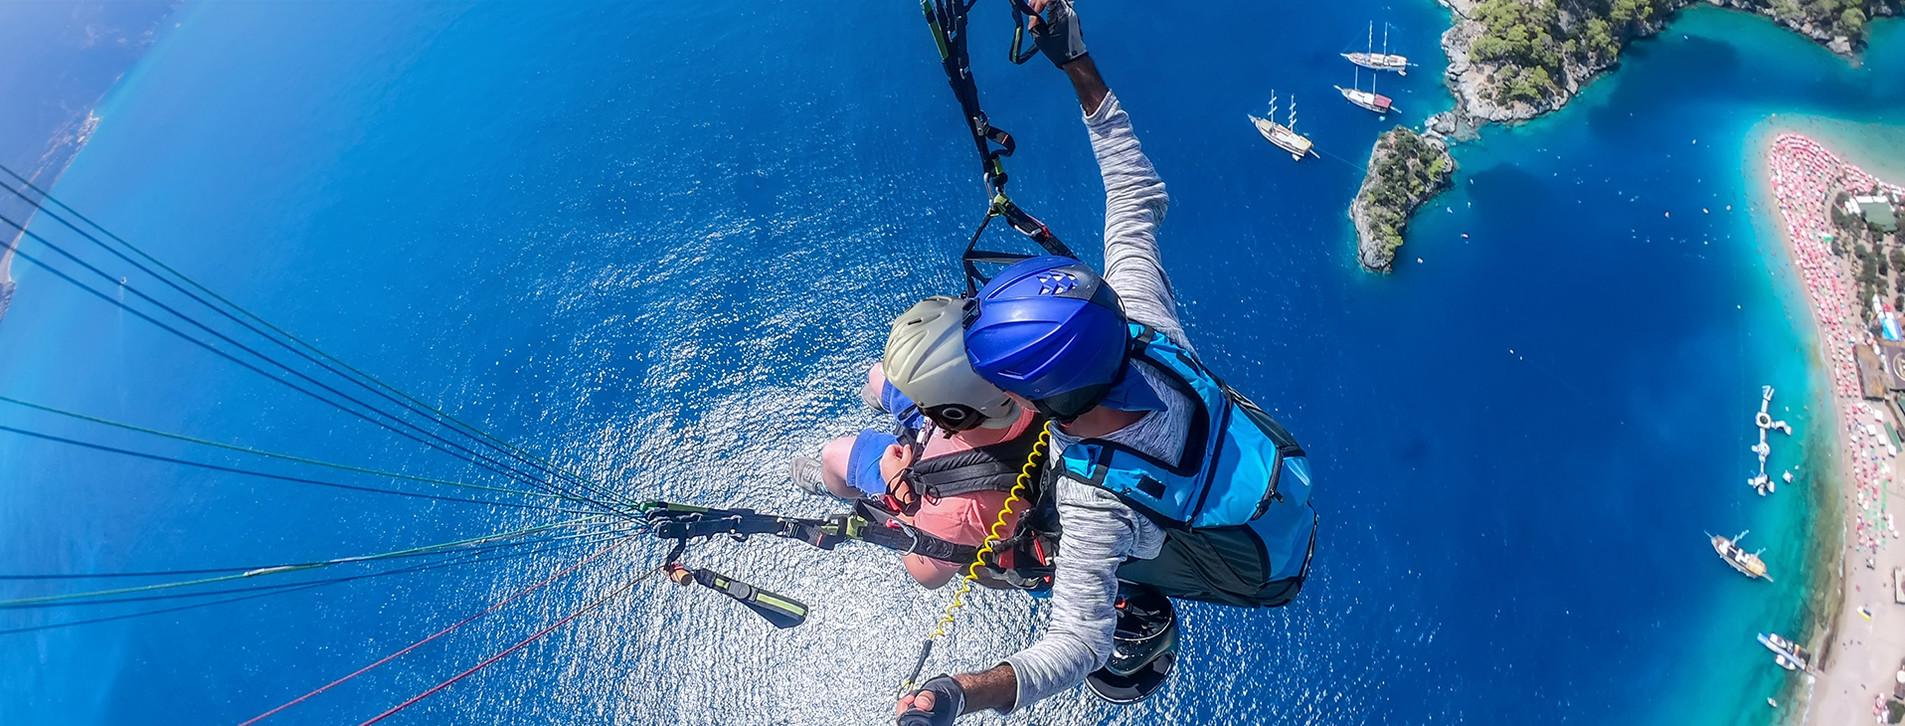 Fotoğraf - İki Kişi için Yamaç Paraşütü Tandem Uçuşu ve Video Çekimi